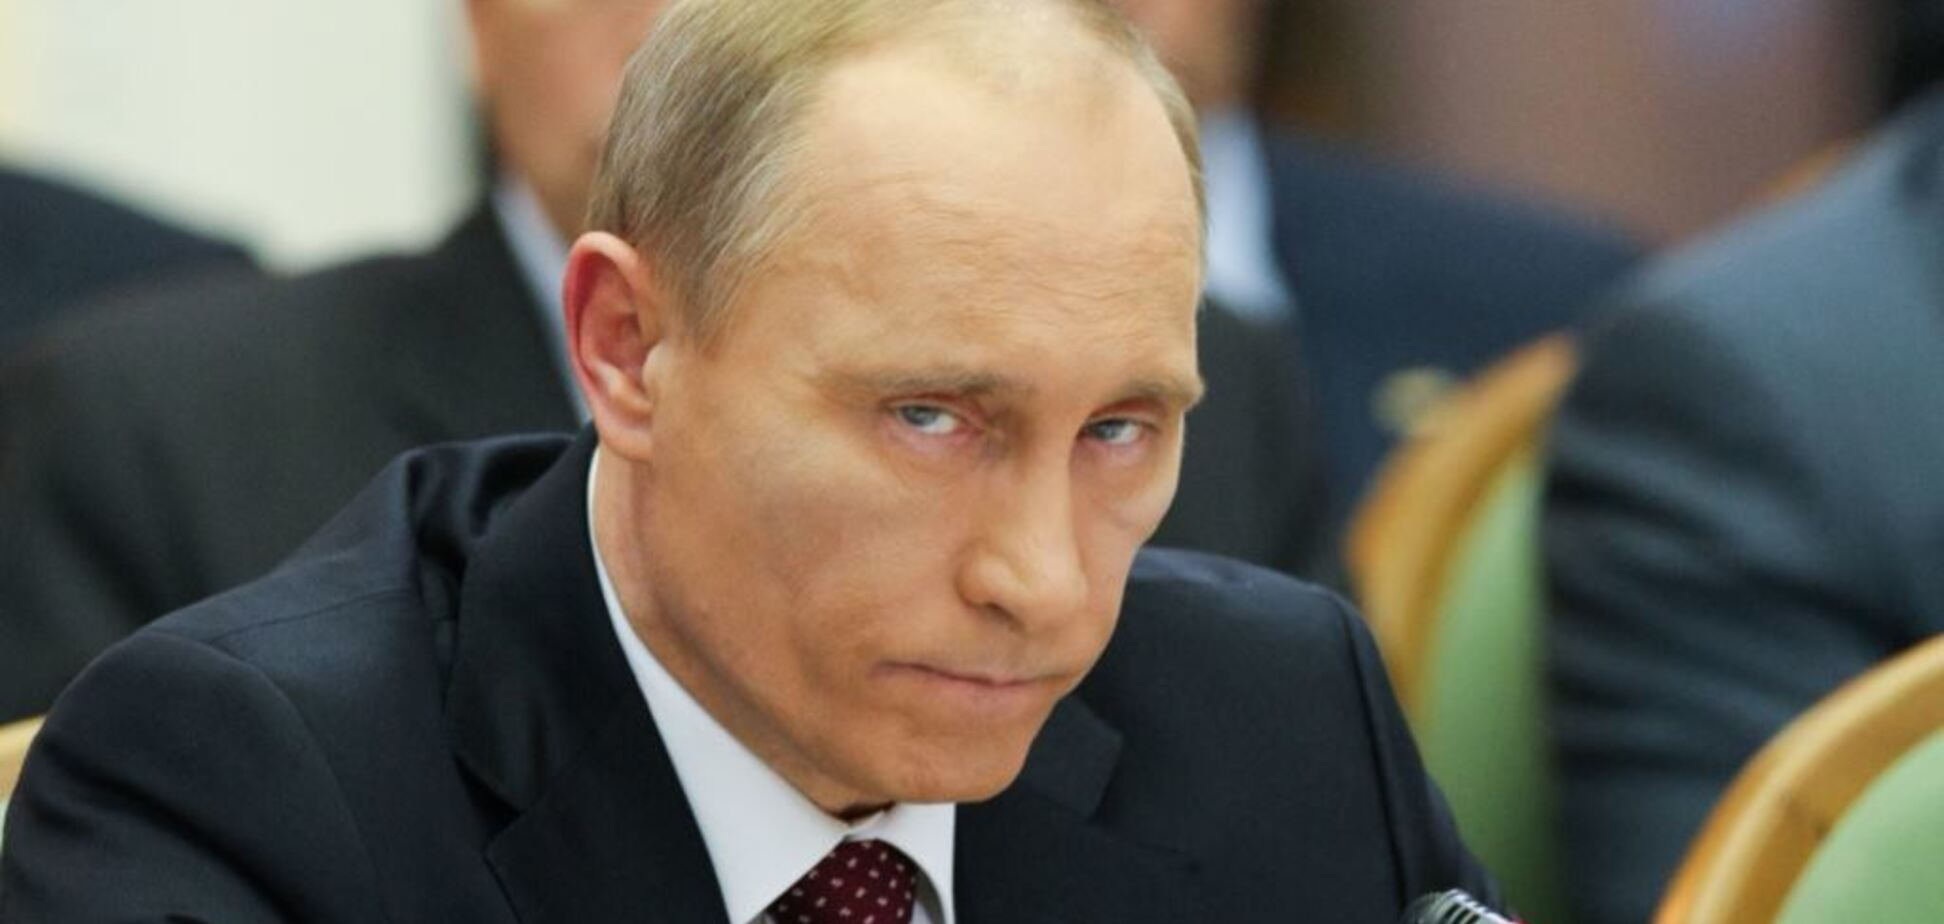 Ахіллесова п'ята: Путіну напророкували політичну смерть